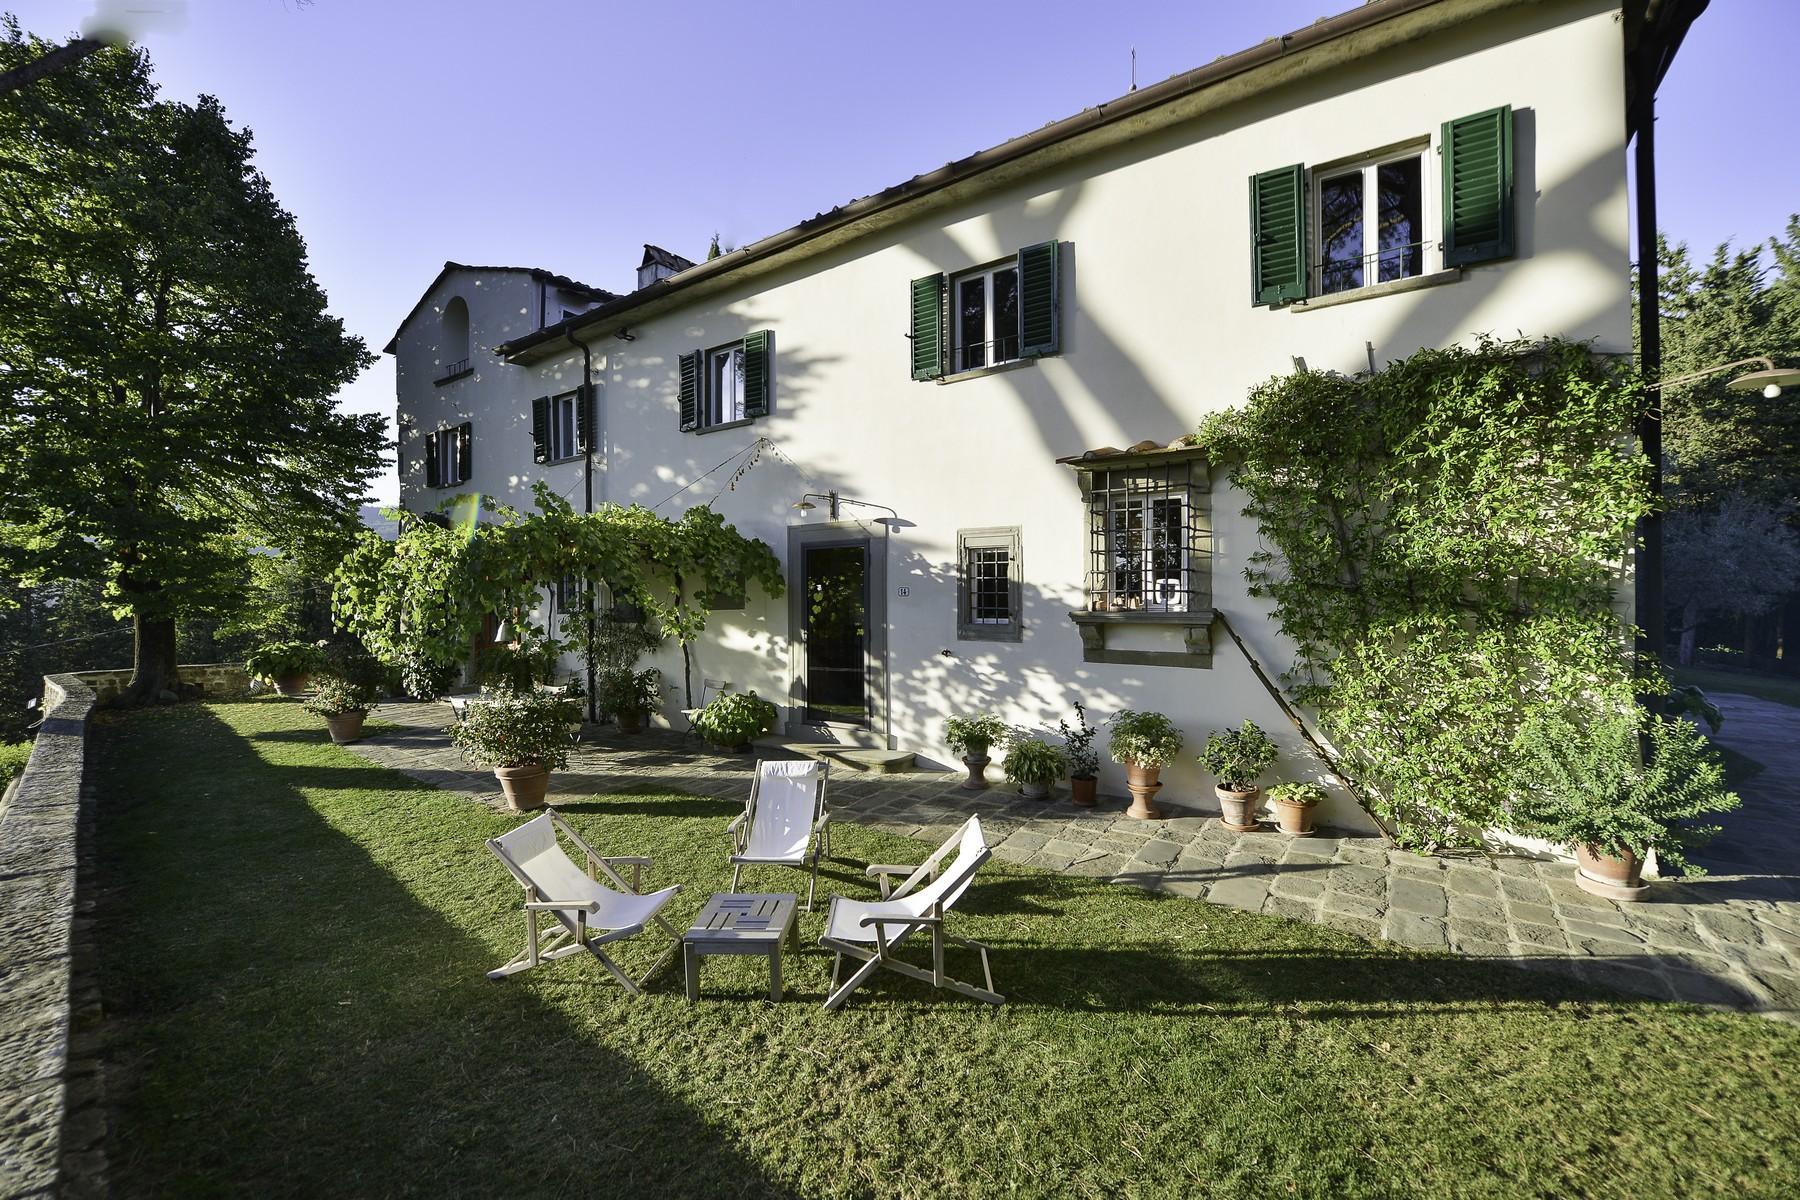 Résidence historique sur les collines de Fiesole - 4